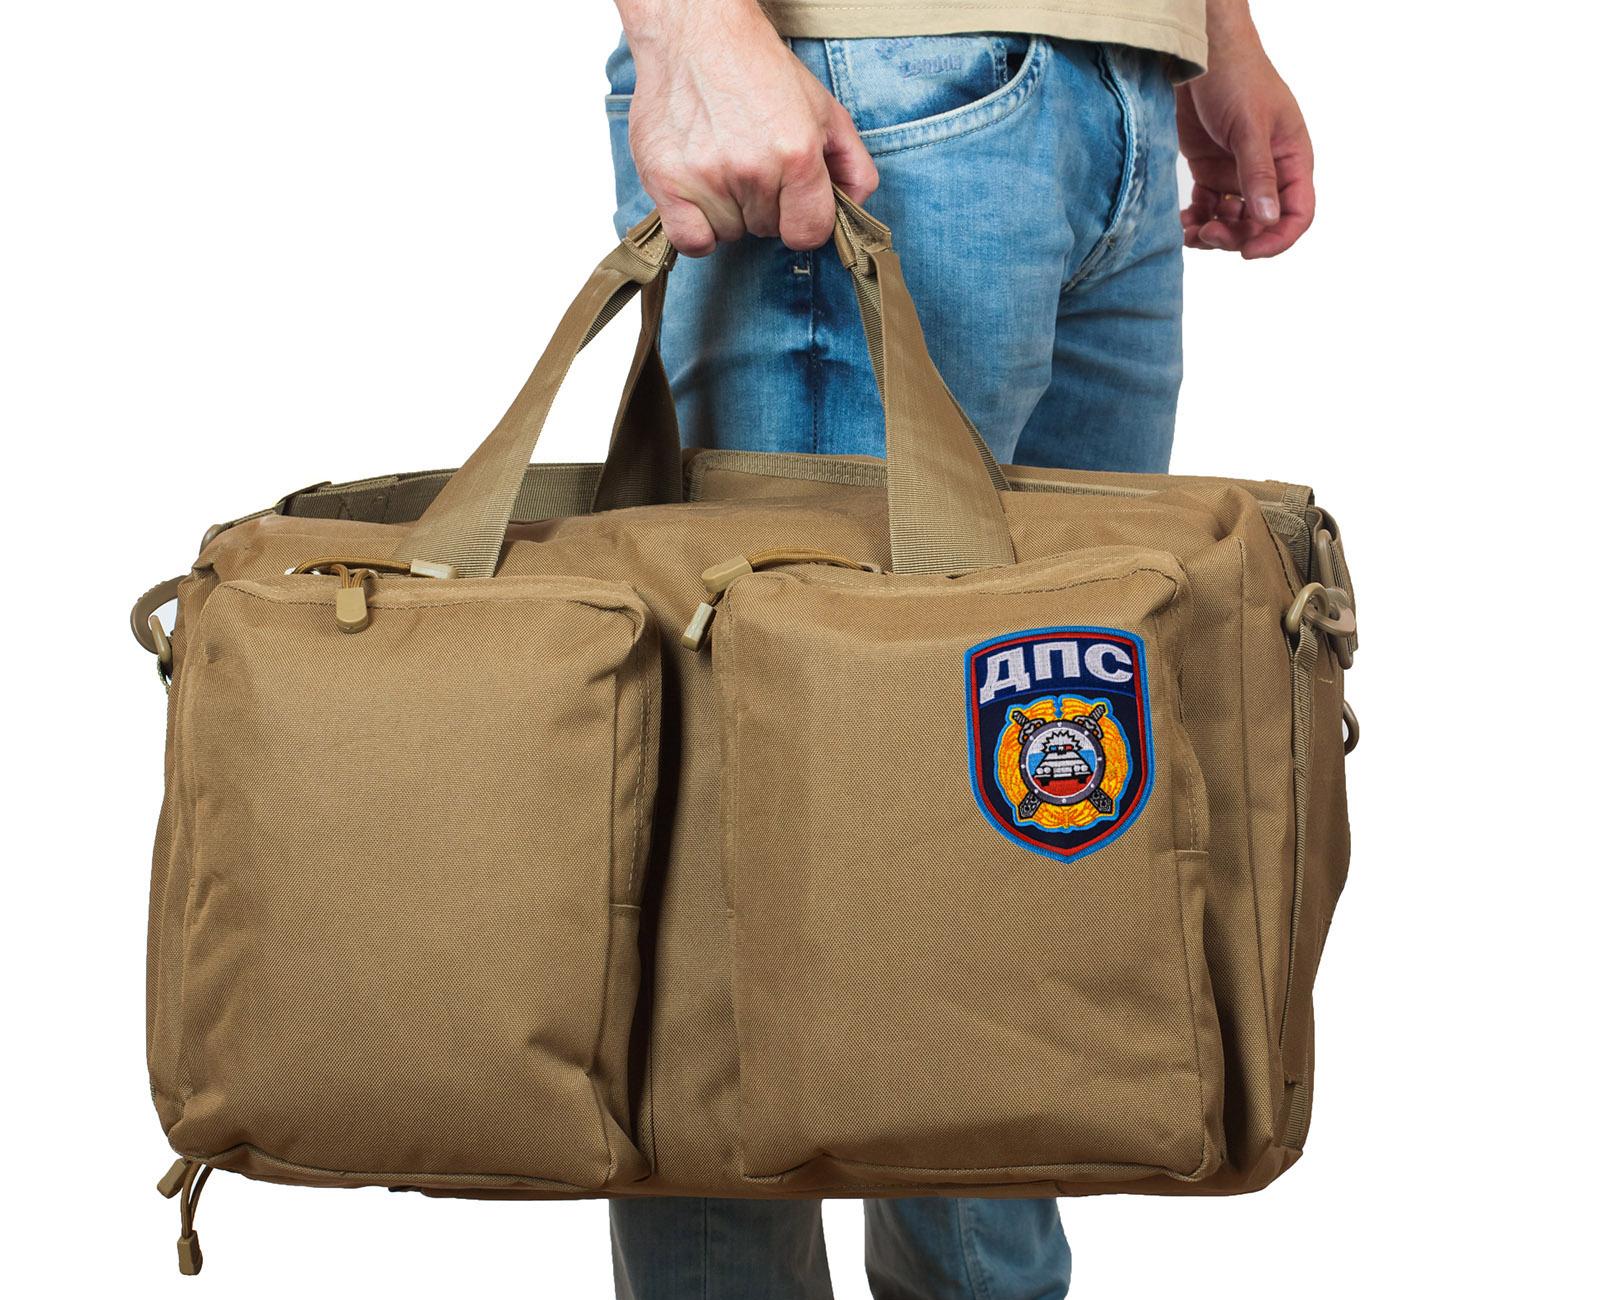 Эргономичная мужская сумка-рюкзак с нашивкой ДПС - заказать оптом